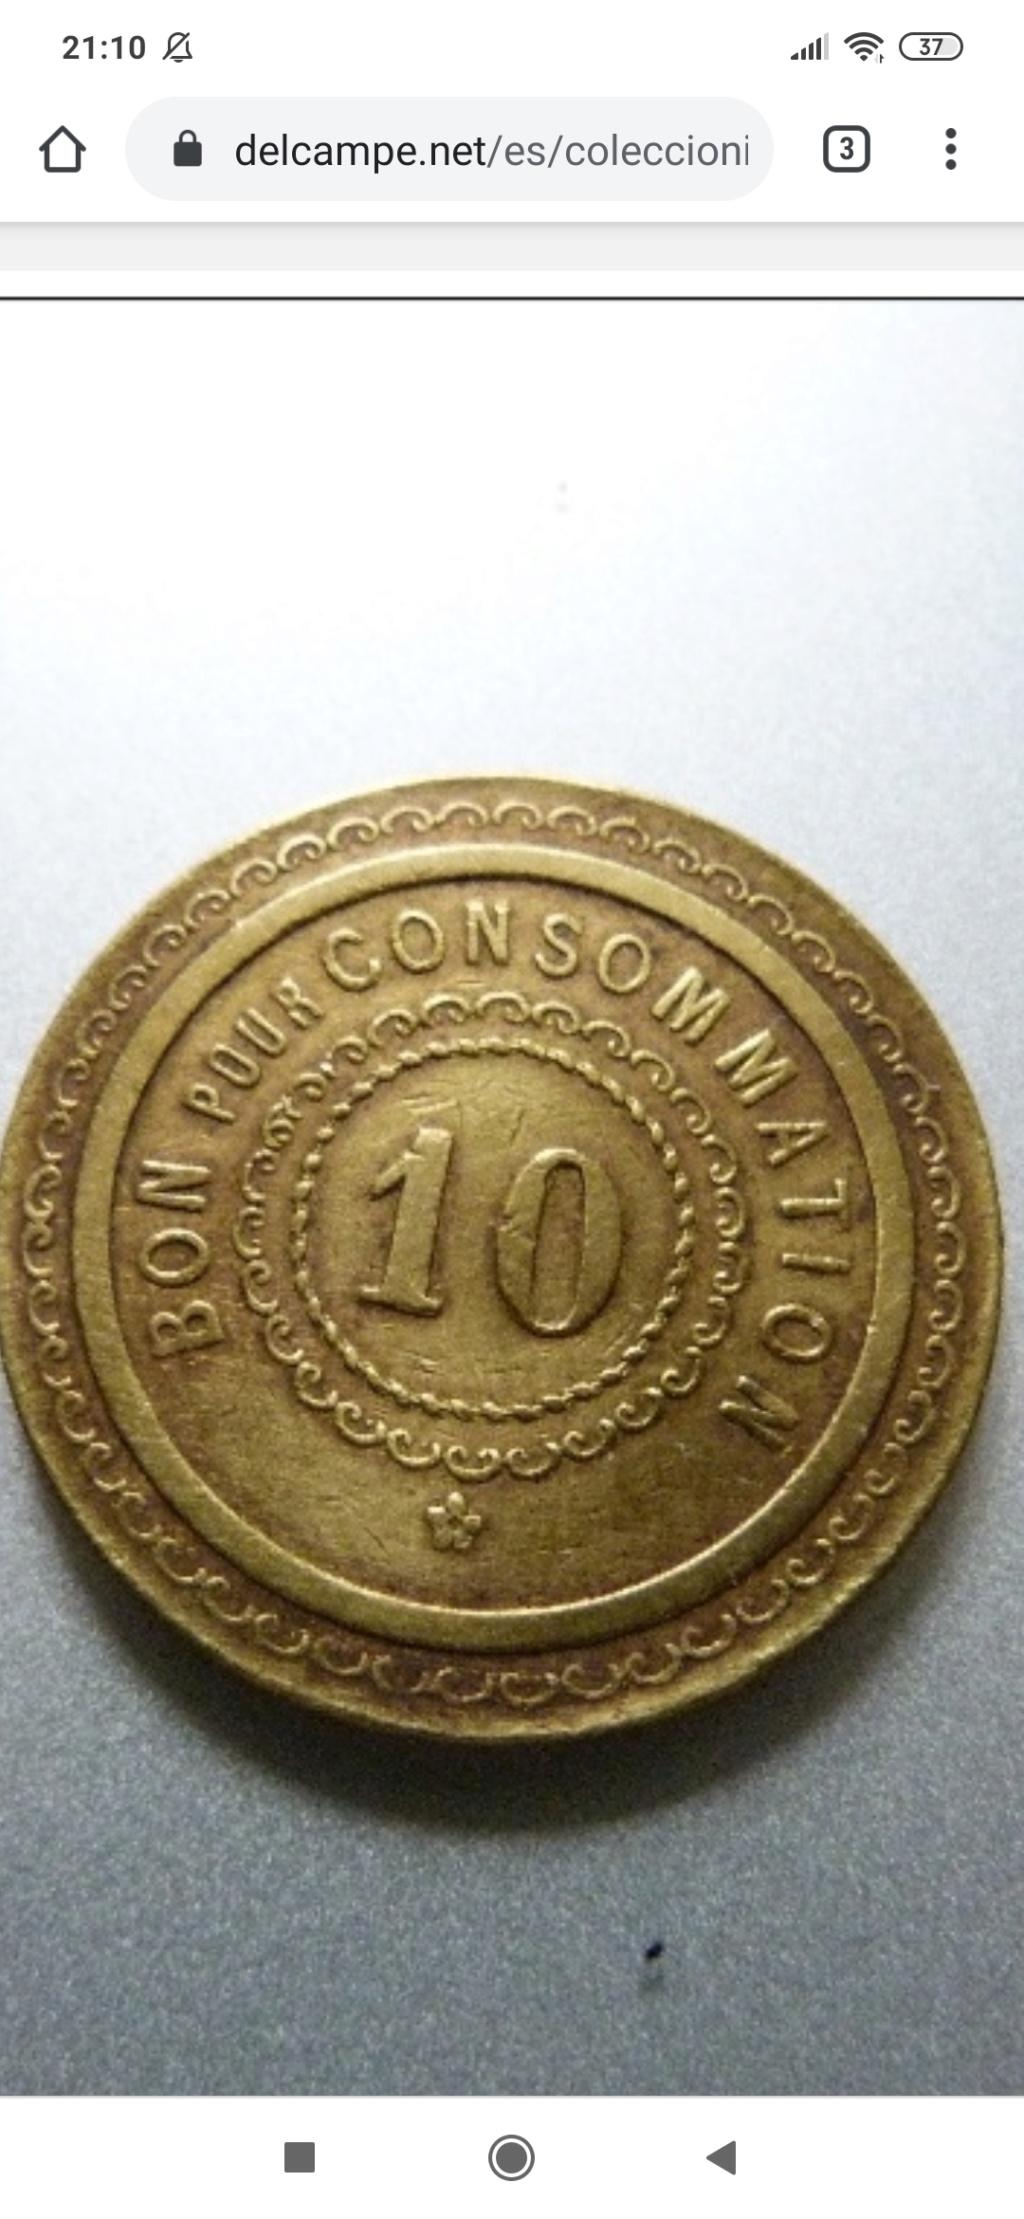 Identificación de moneda de cobre Screen11